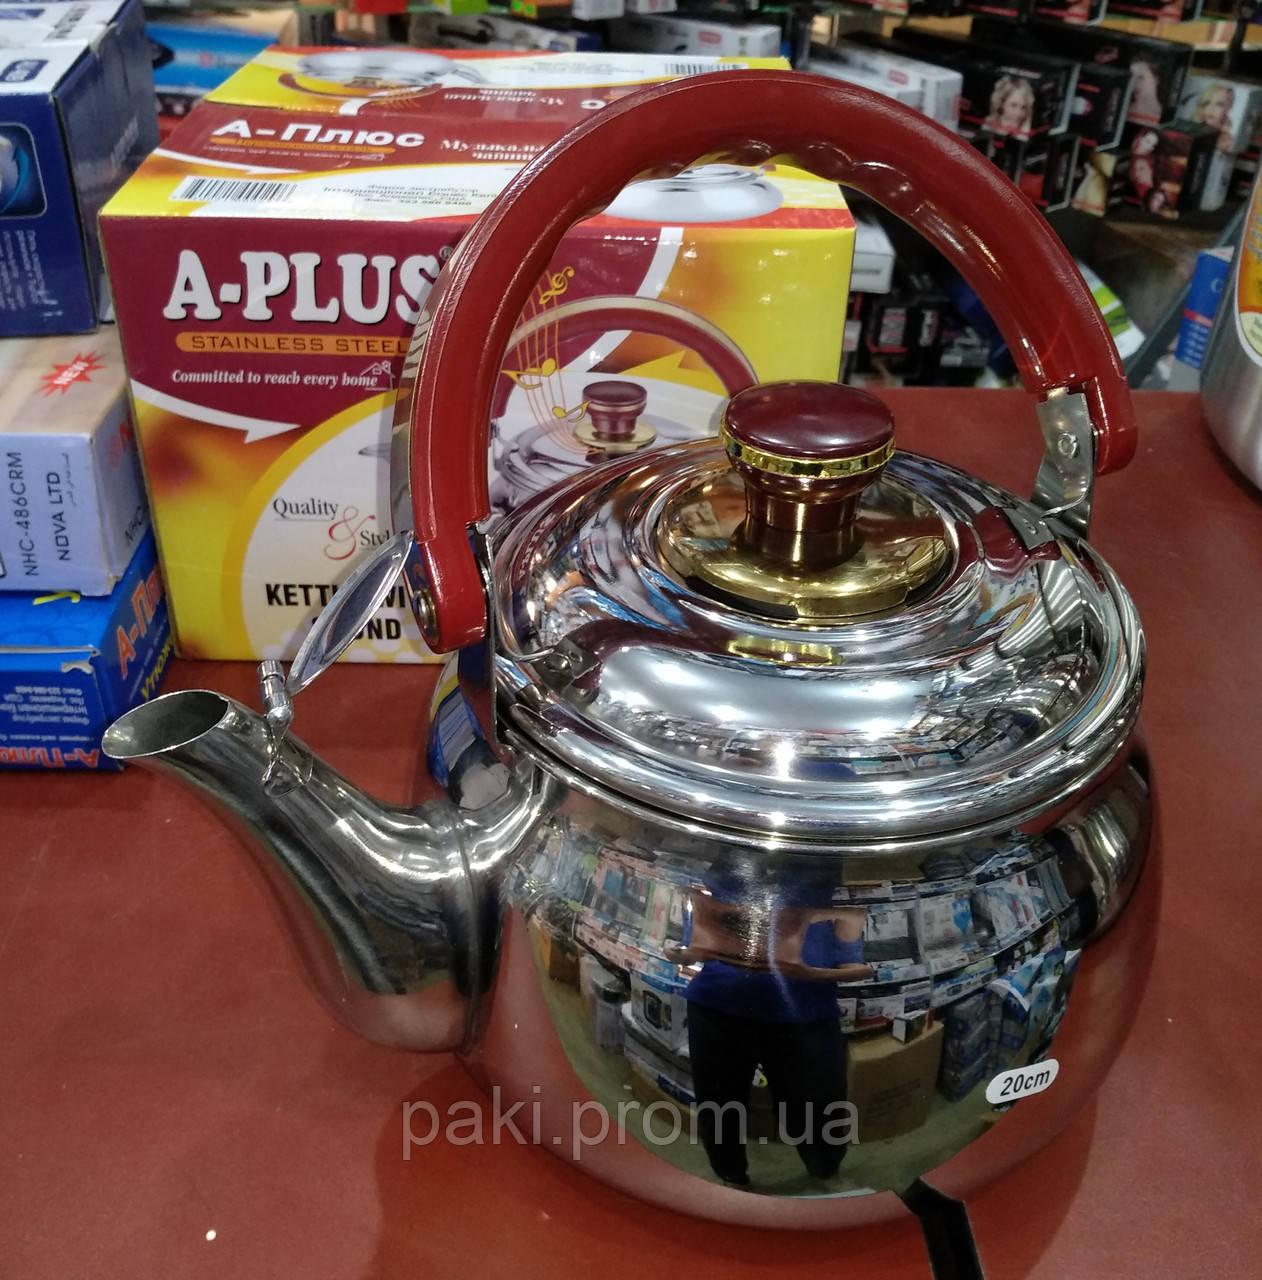 Музыкальный чайник A-PLUS (9029) 2.5 л, 20 см.